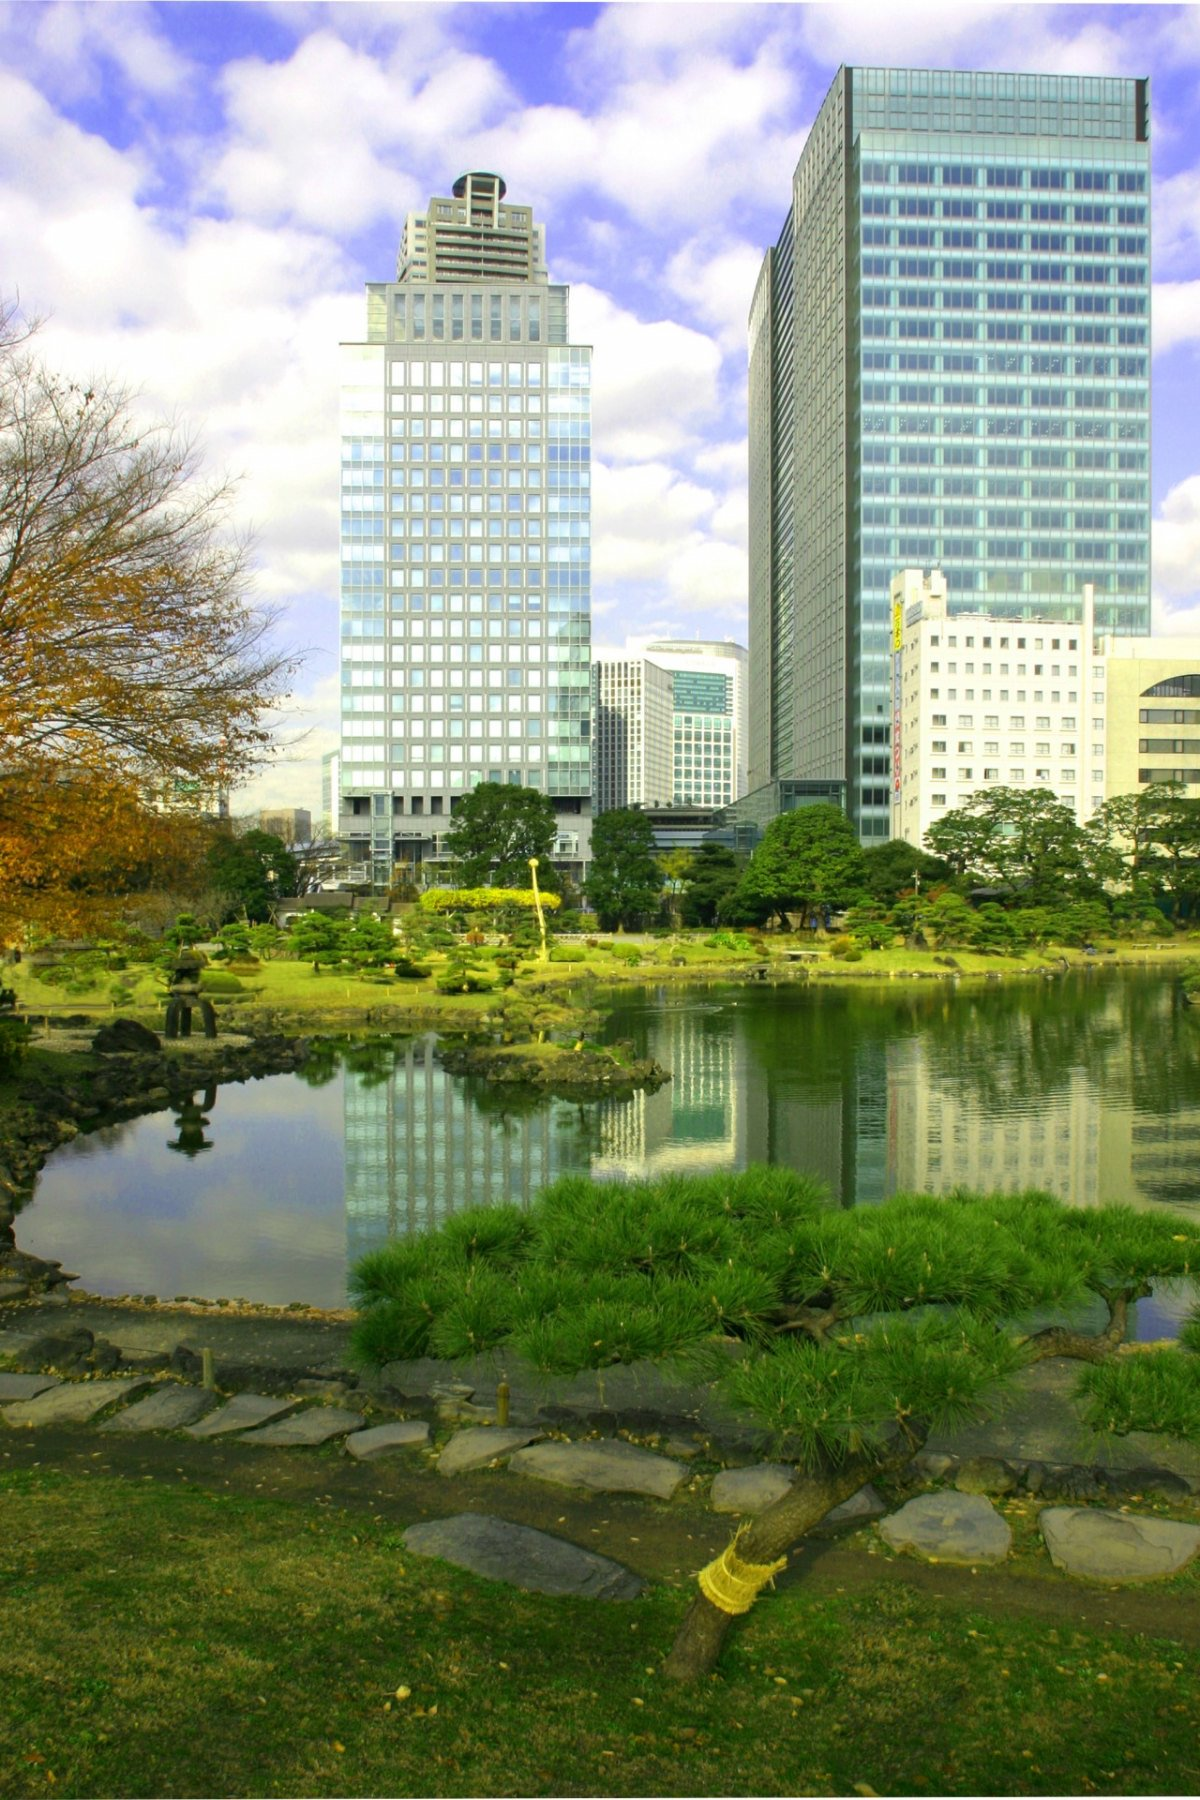 agel-building-tokyo10-23-2011